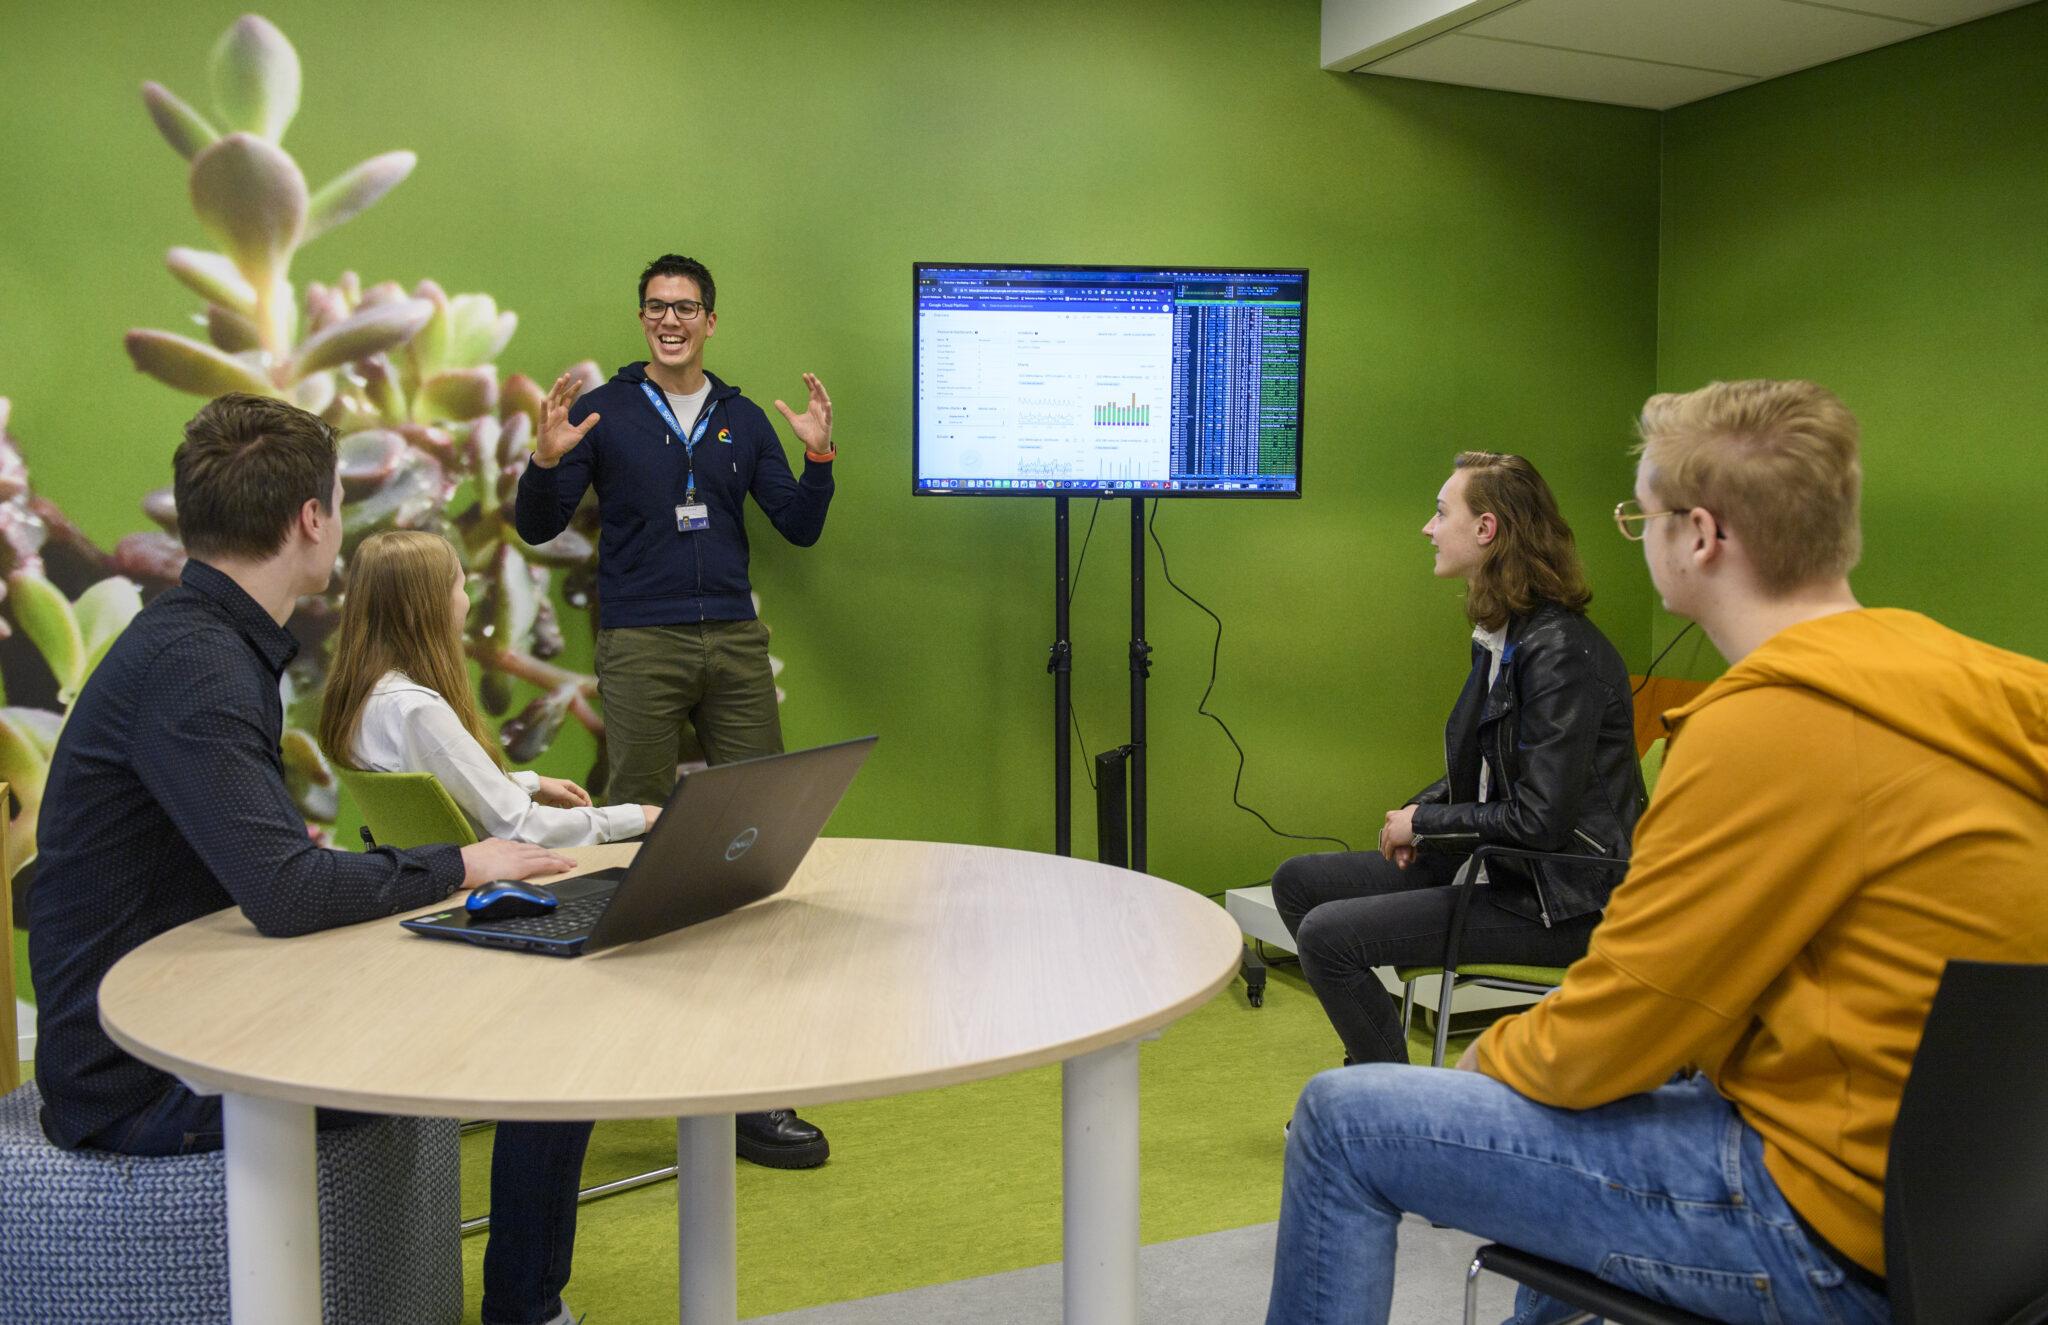 Didactief | Burgerschap in het mbo maak je samen, over de docentontwikkelteams in de werkplaats